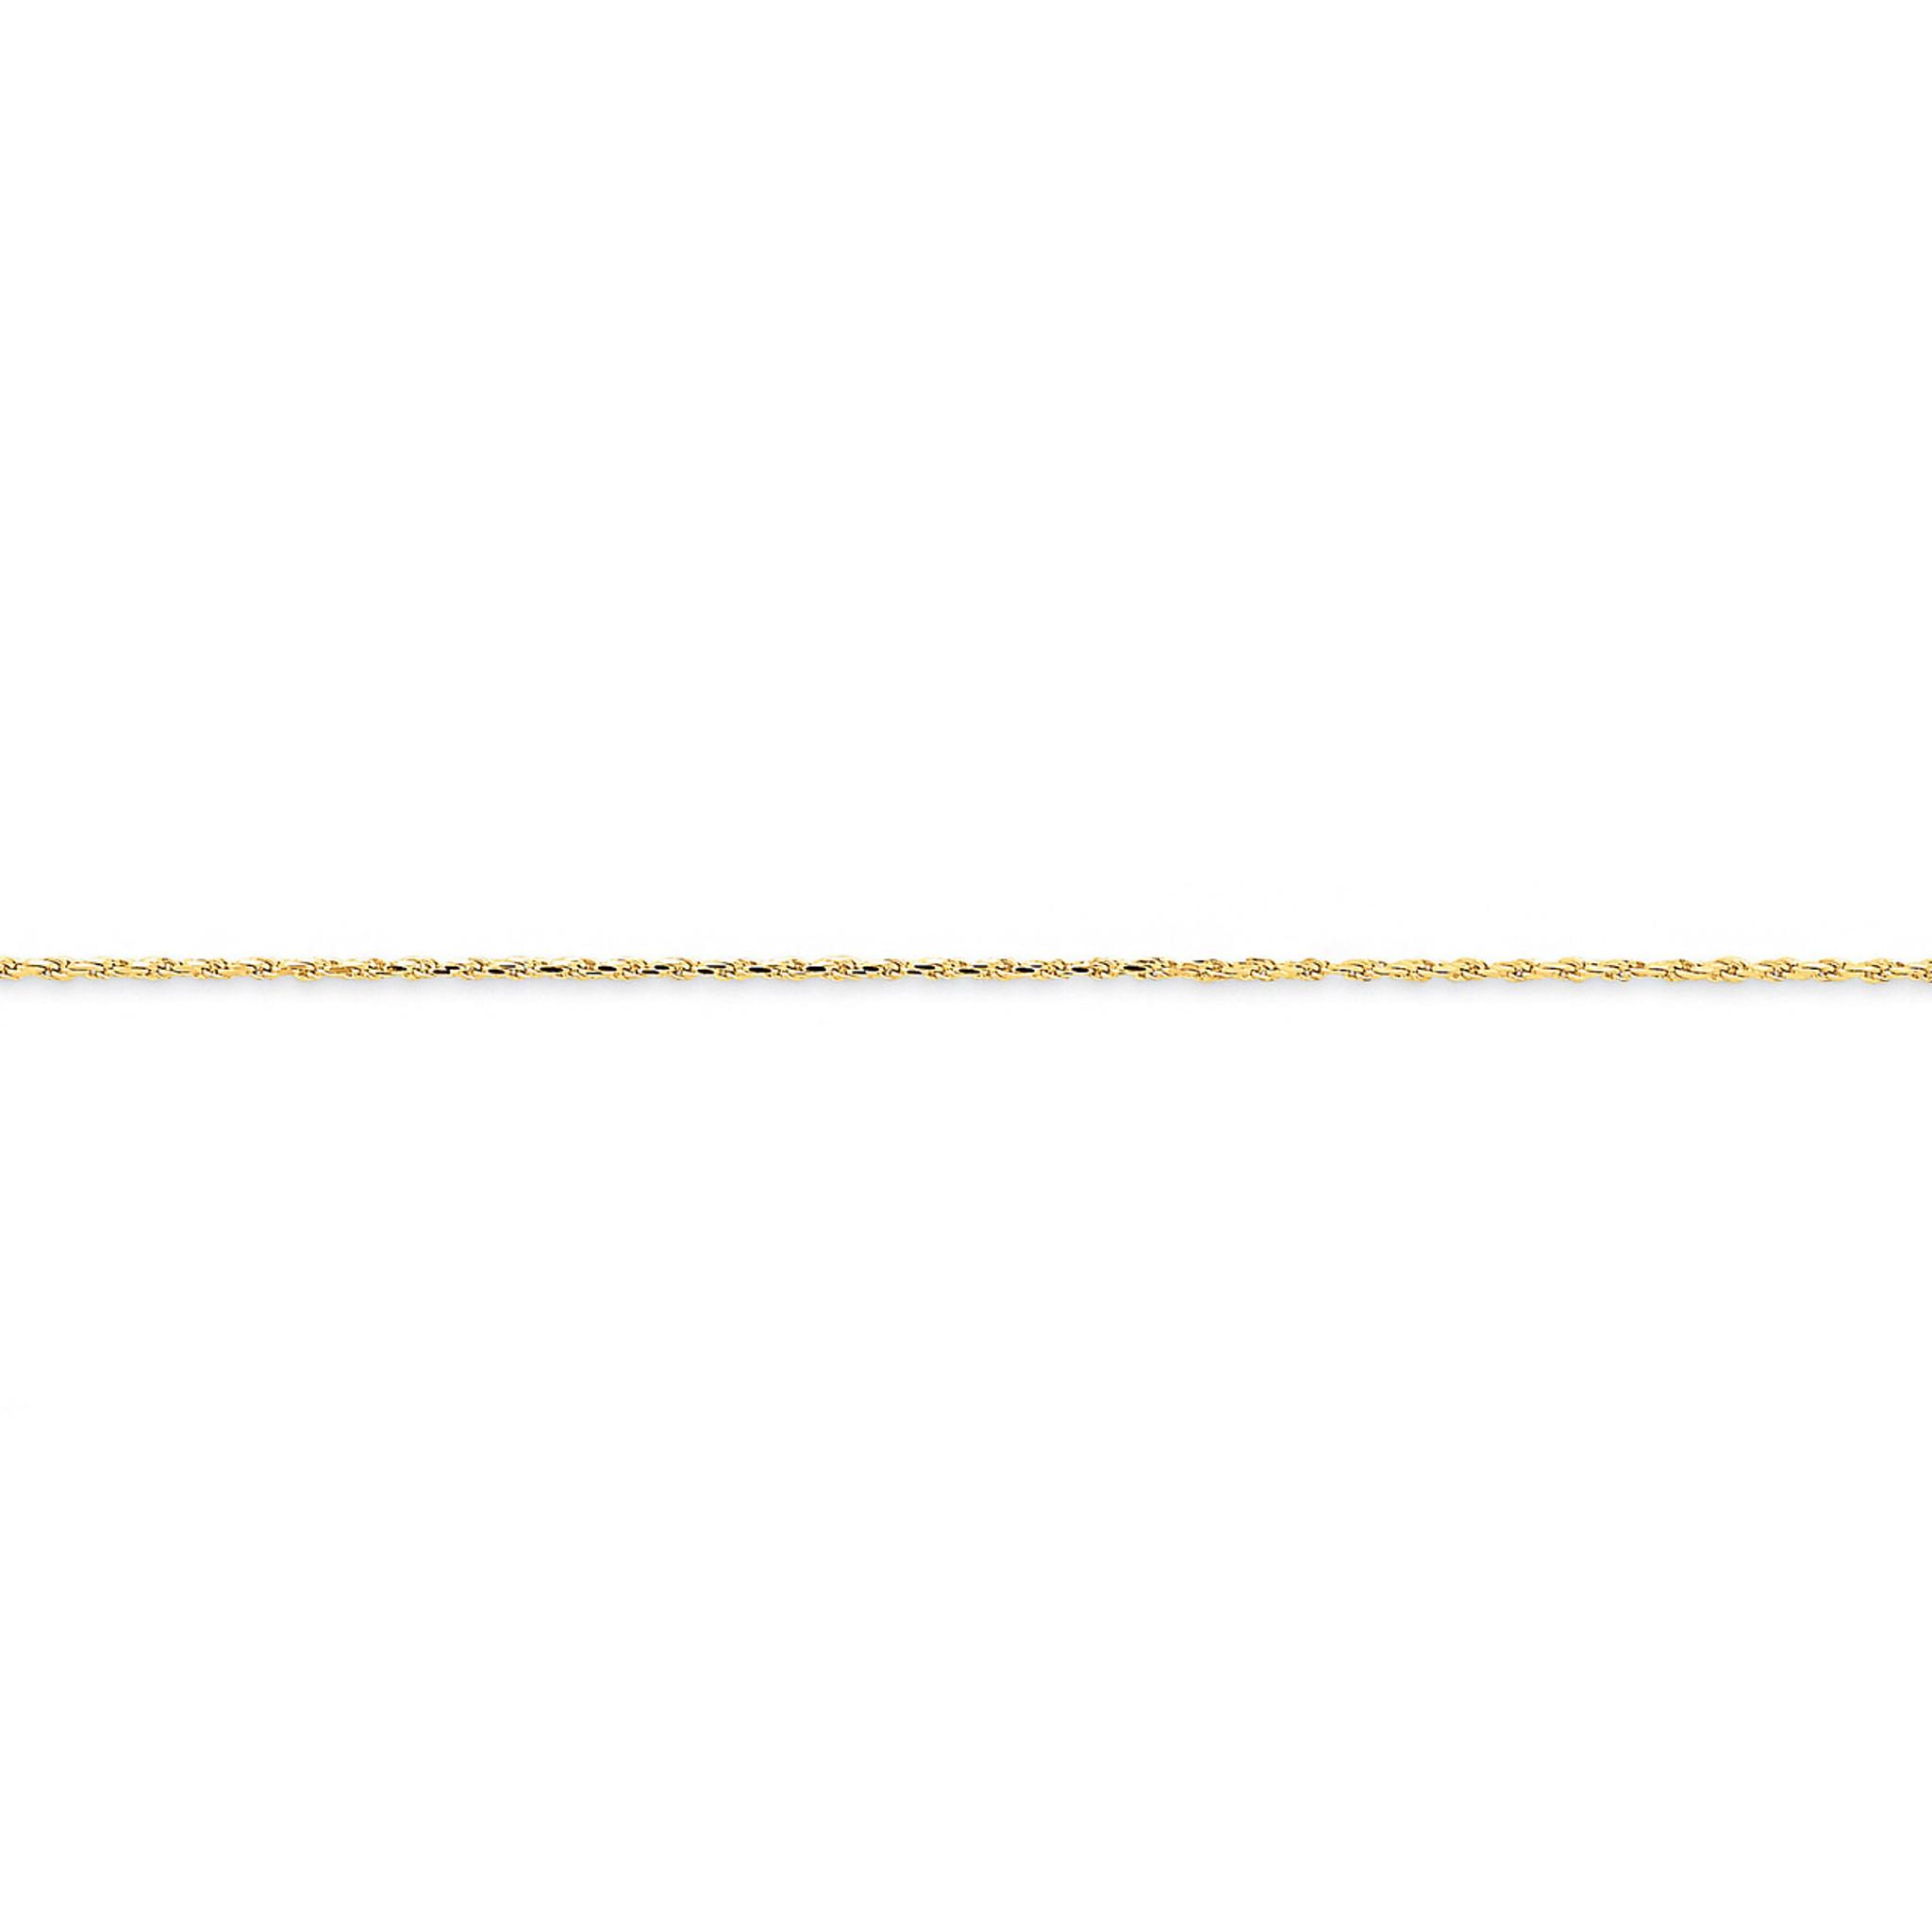 14k 1mm Machine-made Rope Chain